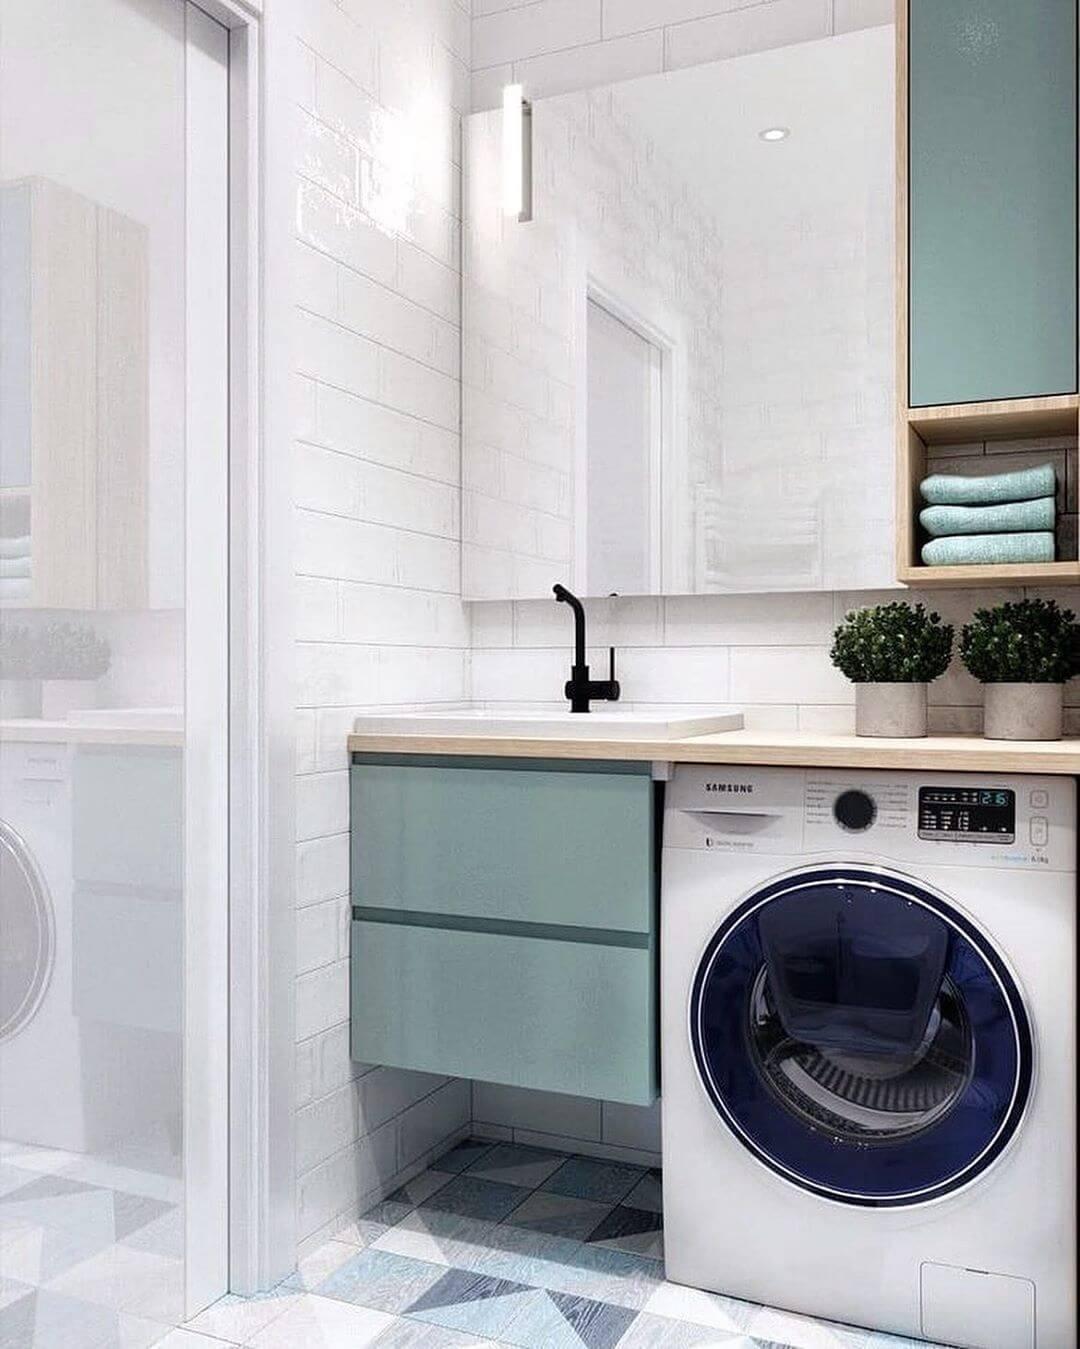 дизайн ванной комнаты 5 кв.м со стиральной машиной